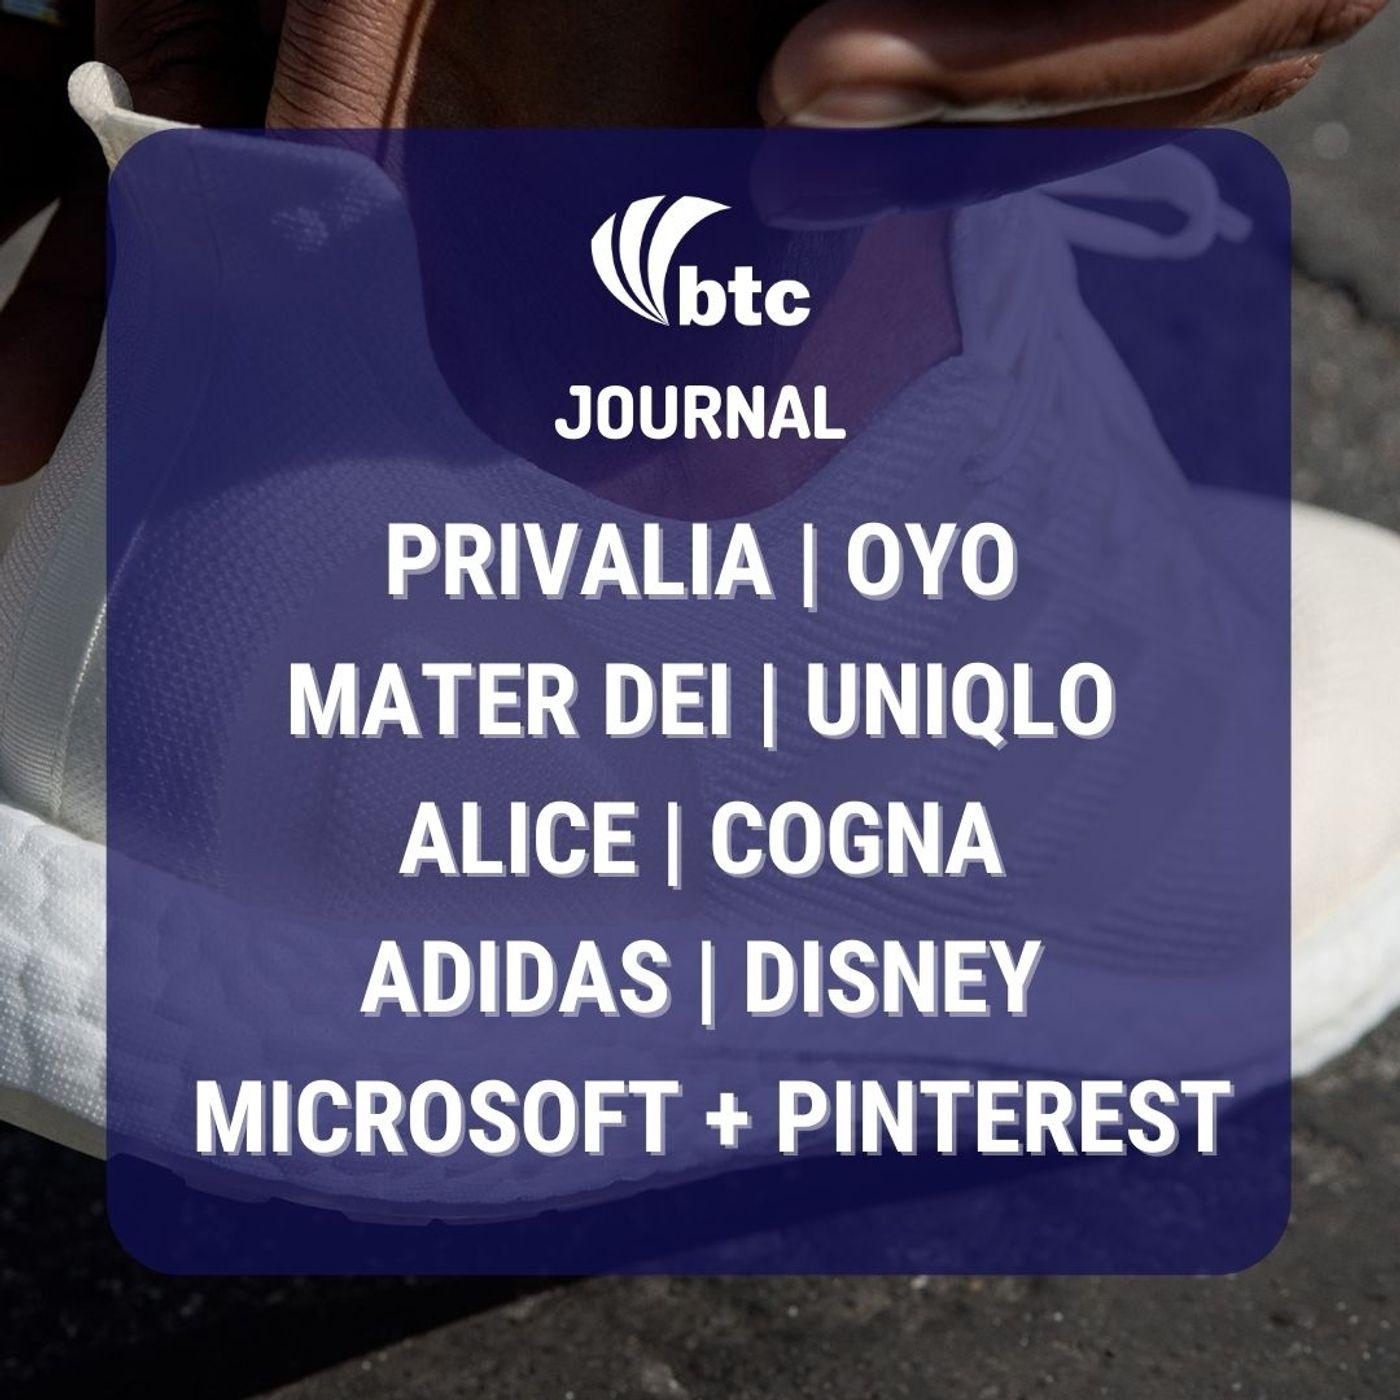 IPO Privalia e Mater Dei, OYO, Alice, Microsoft + Pinterest e Disney   BTC Journal 18/02/21